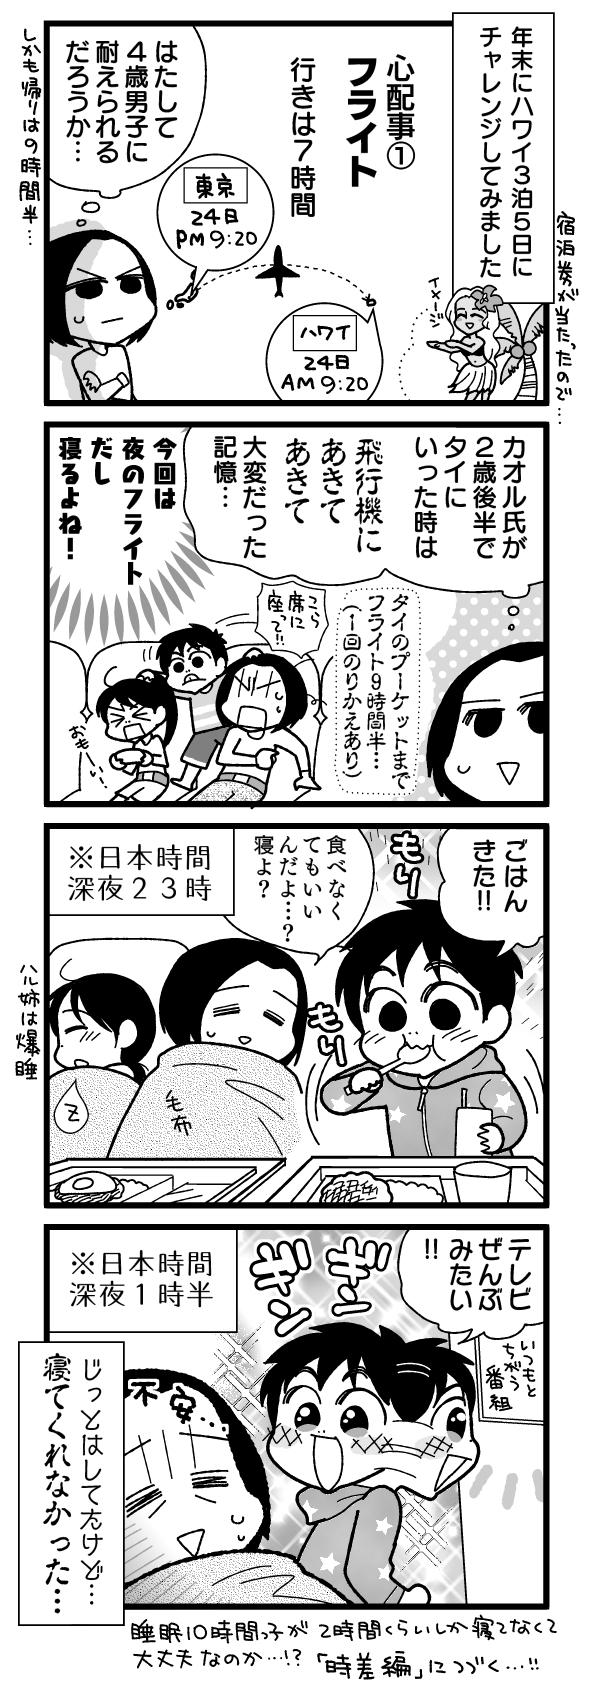 漫画『怒涛のにゅーじヨージ』Vol.189「子連れハワイってどーなの?①飛行機編」 1コマ目